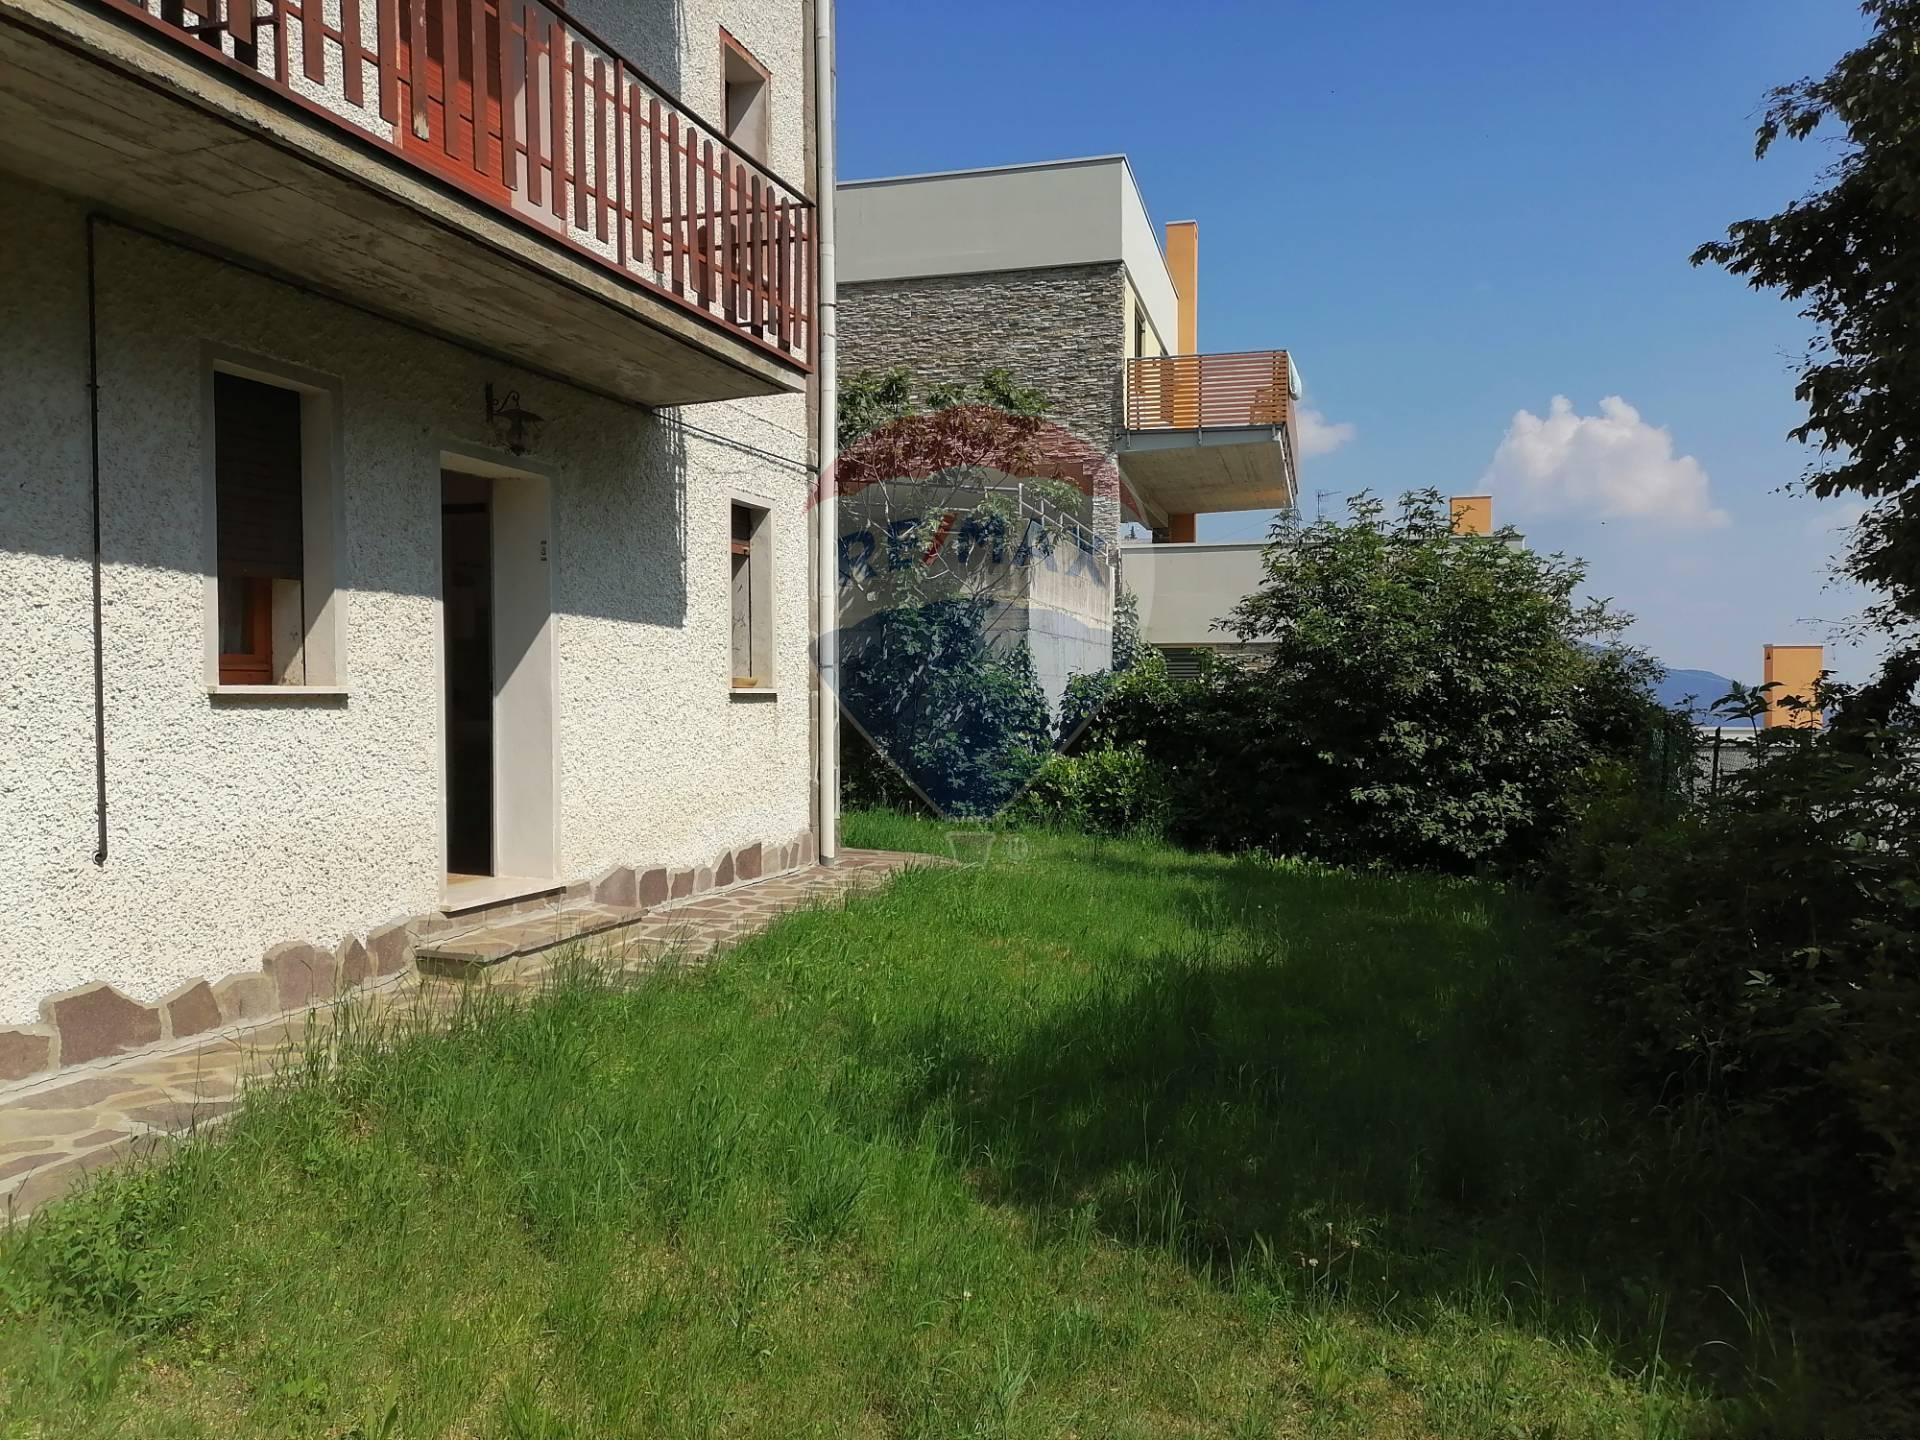 Appartamento in vendita a Aviatico, 3 locali, zona Zona: Ama, prezzo € 58.000 | CambioCasa.it